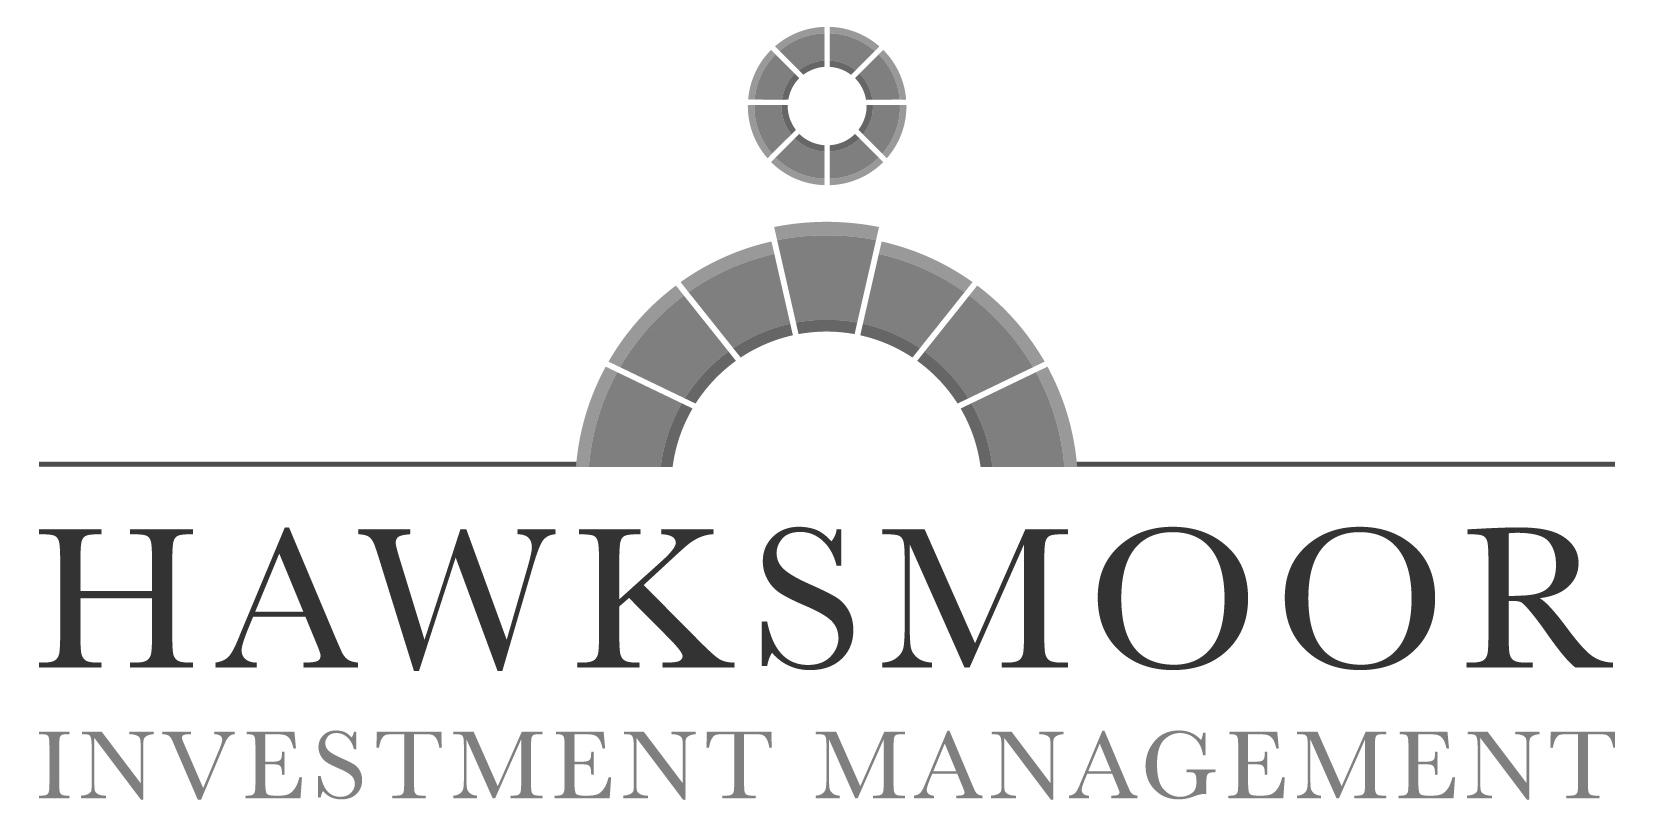 Hawksmoor Logo 2013.jpg